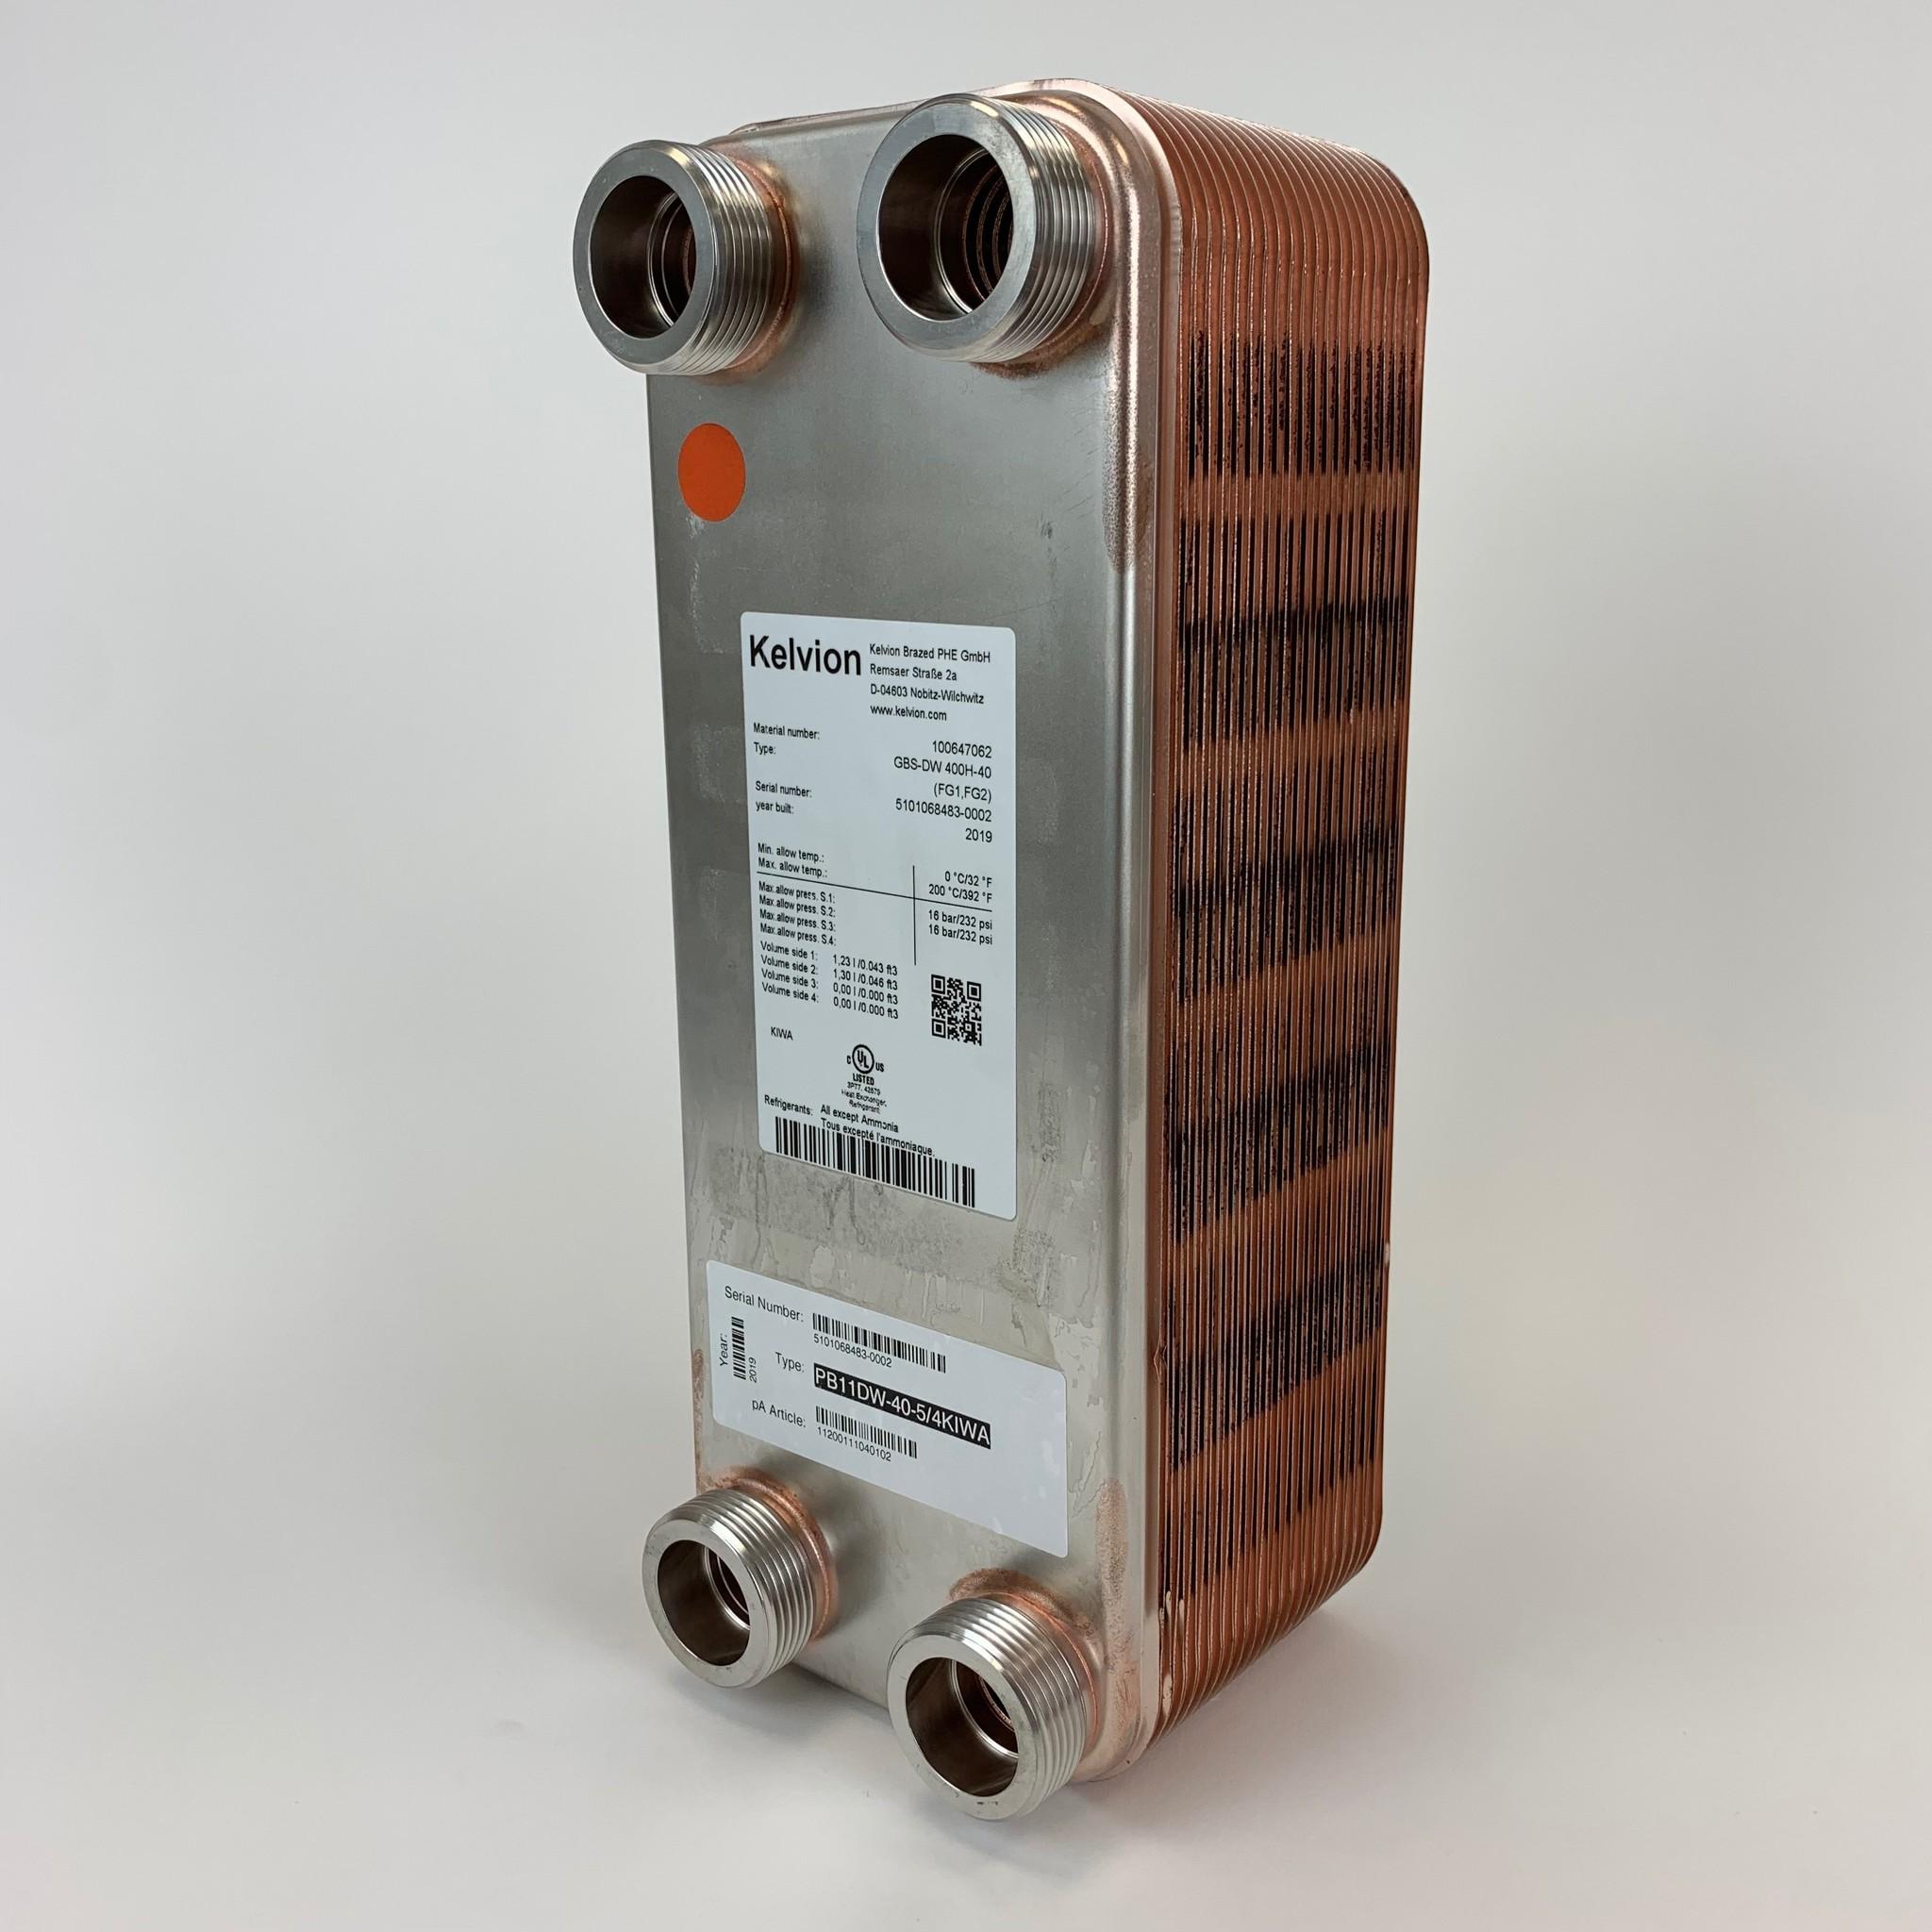 Kelvion GBS-DW 400H-10 (F1, F2)